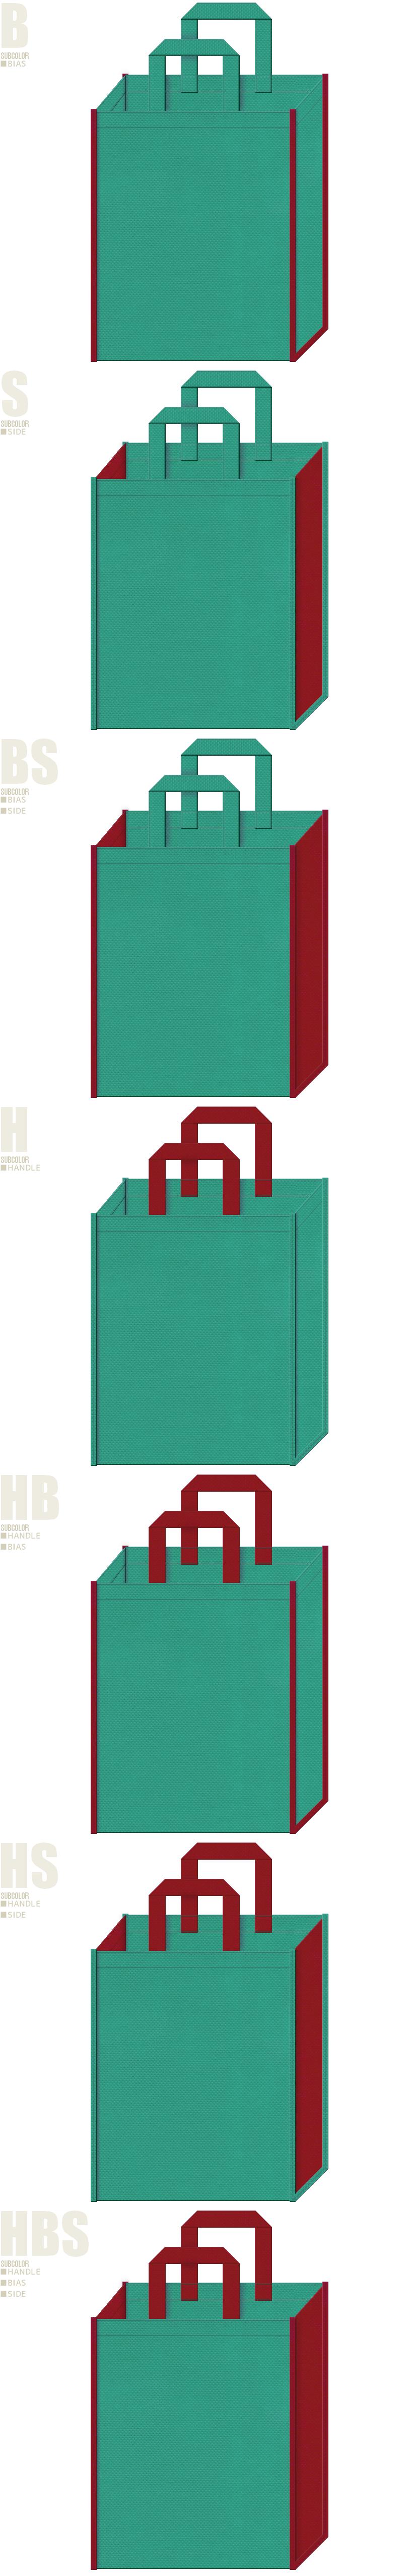 卒業アルバム・成人式の記念品・振袖のイメージにお奨めの不織布バッグデザイン:青緑色とエンジ色の不織布バッグ配色7パターン。